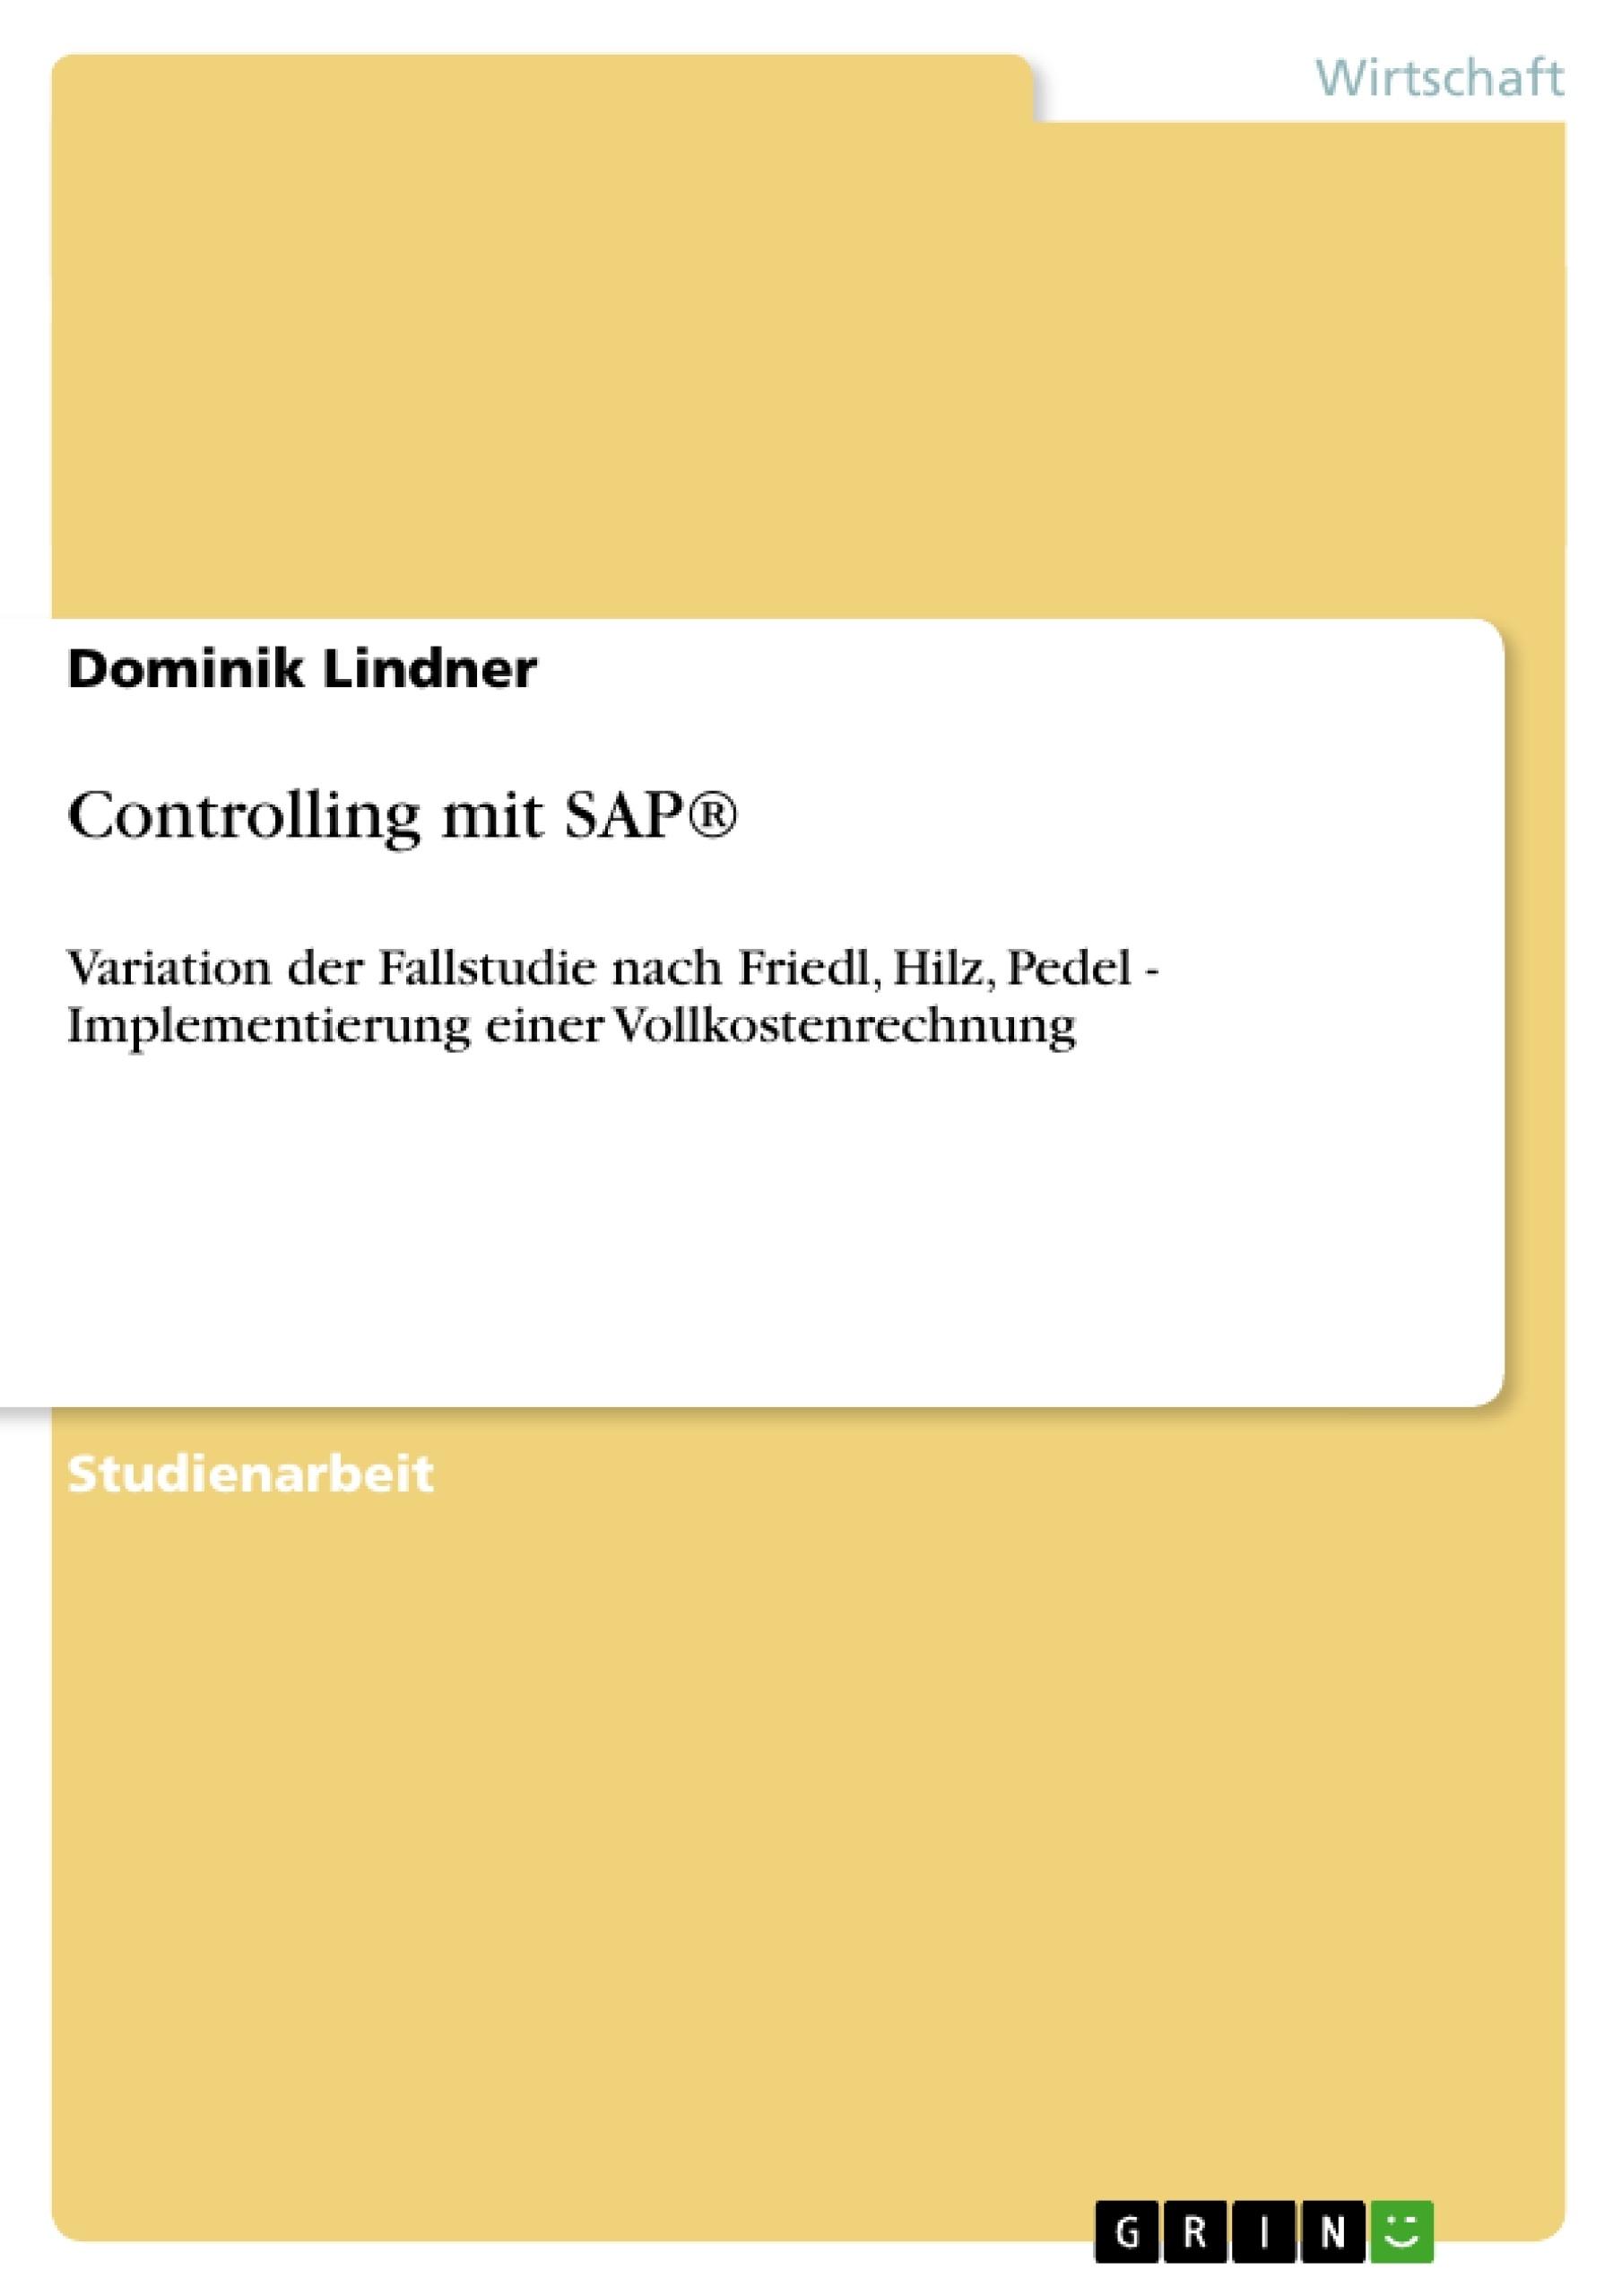 Titel: Controlling mit SAP®. Variation der Fallstudie nach Friedl, Hilz, Pedel, Implementierung einer Vollkostenrechnung